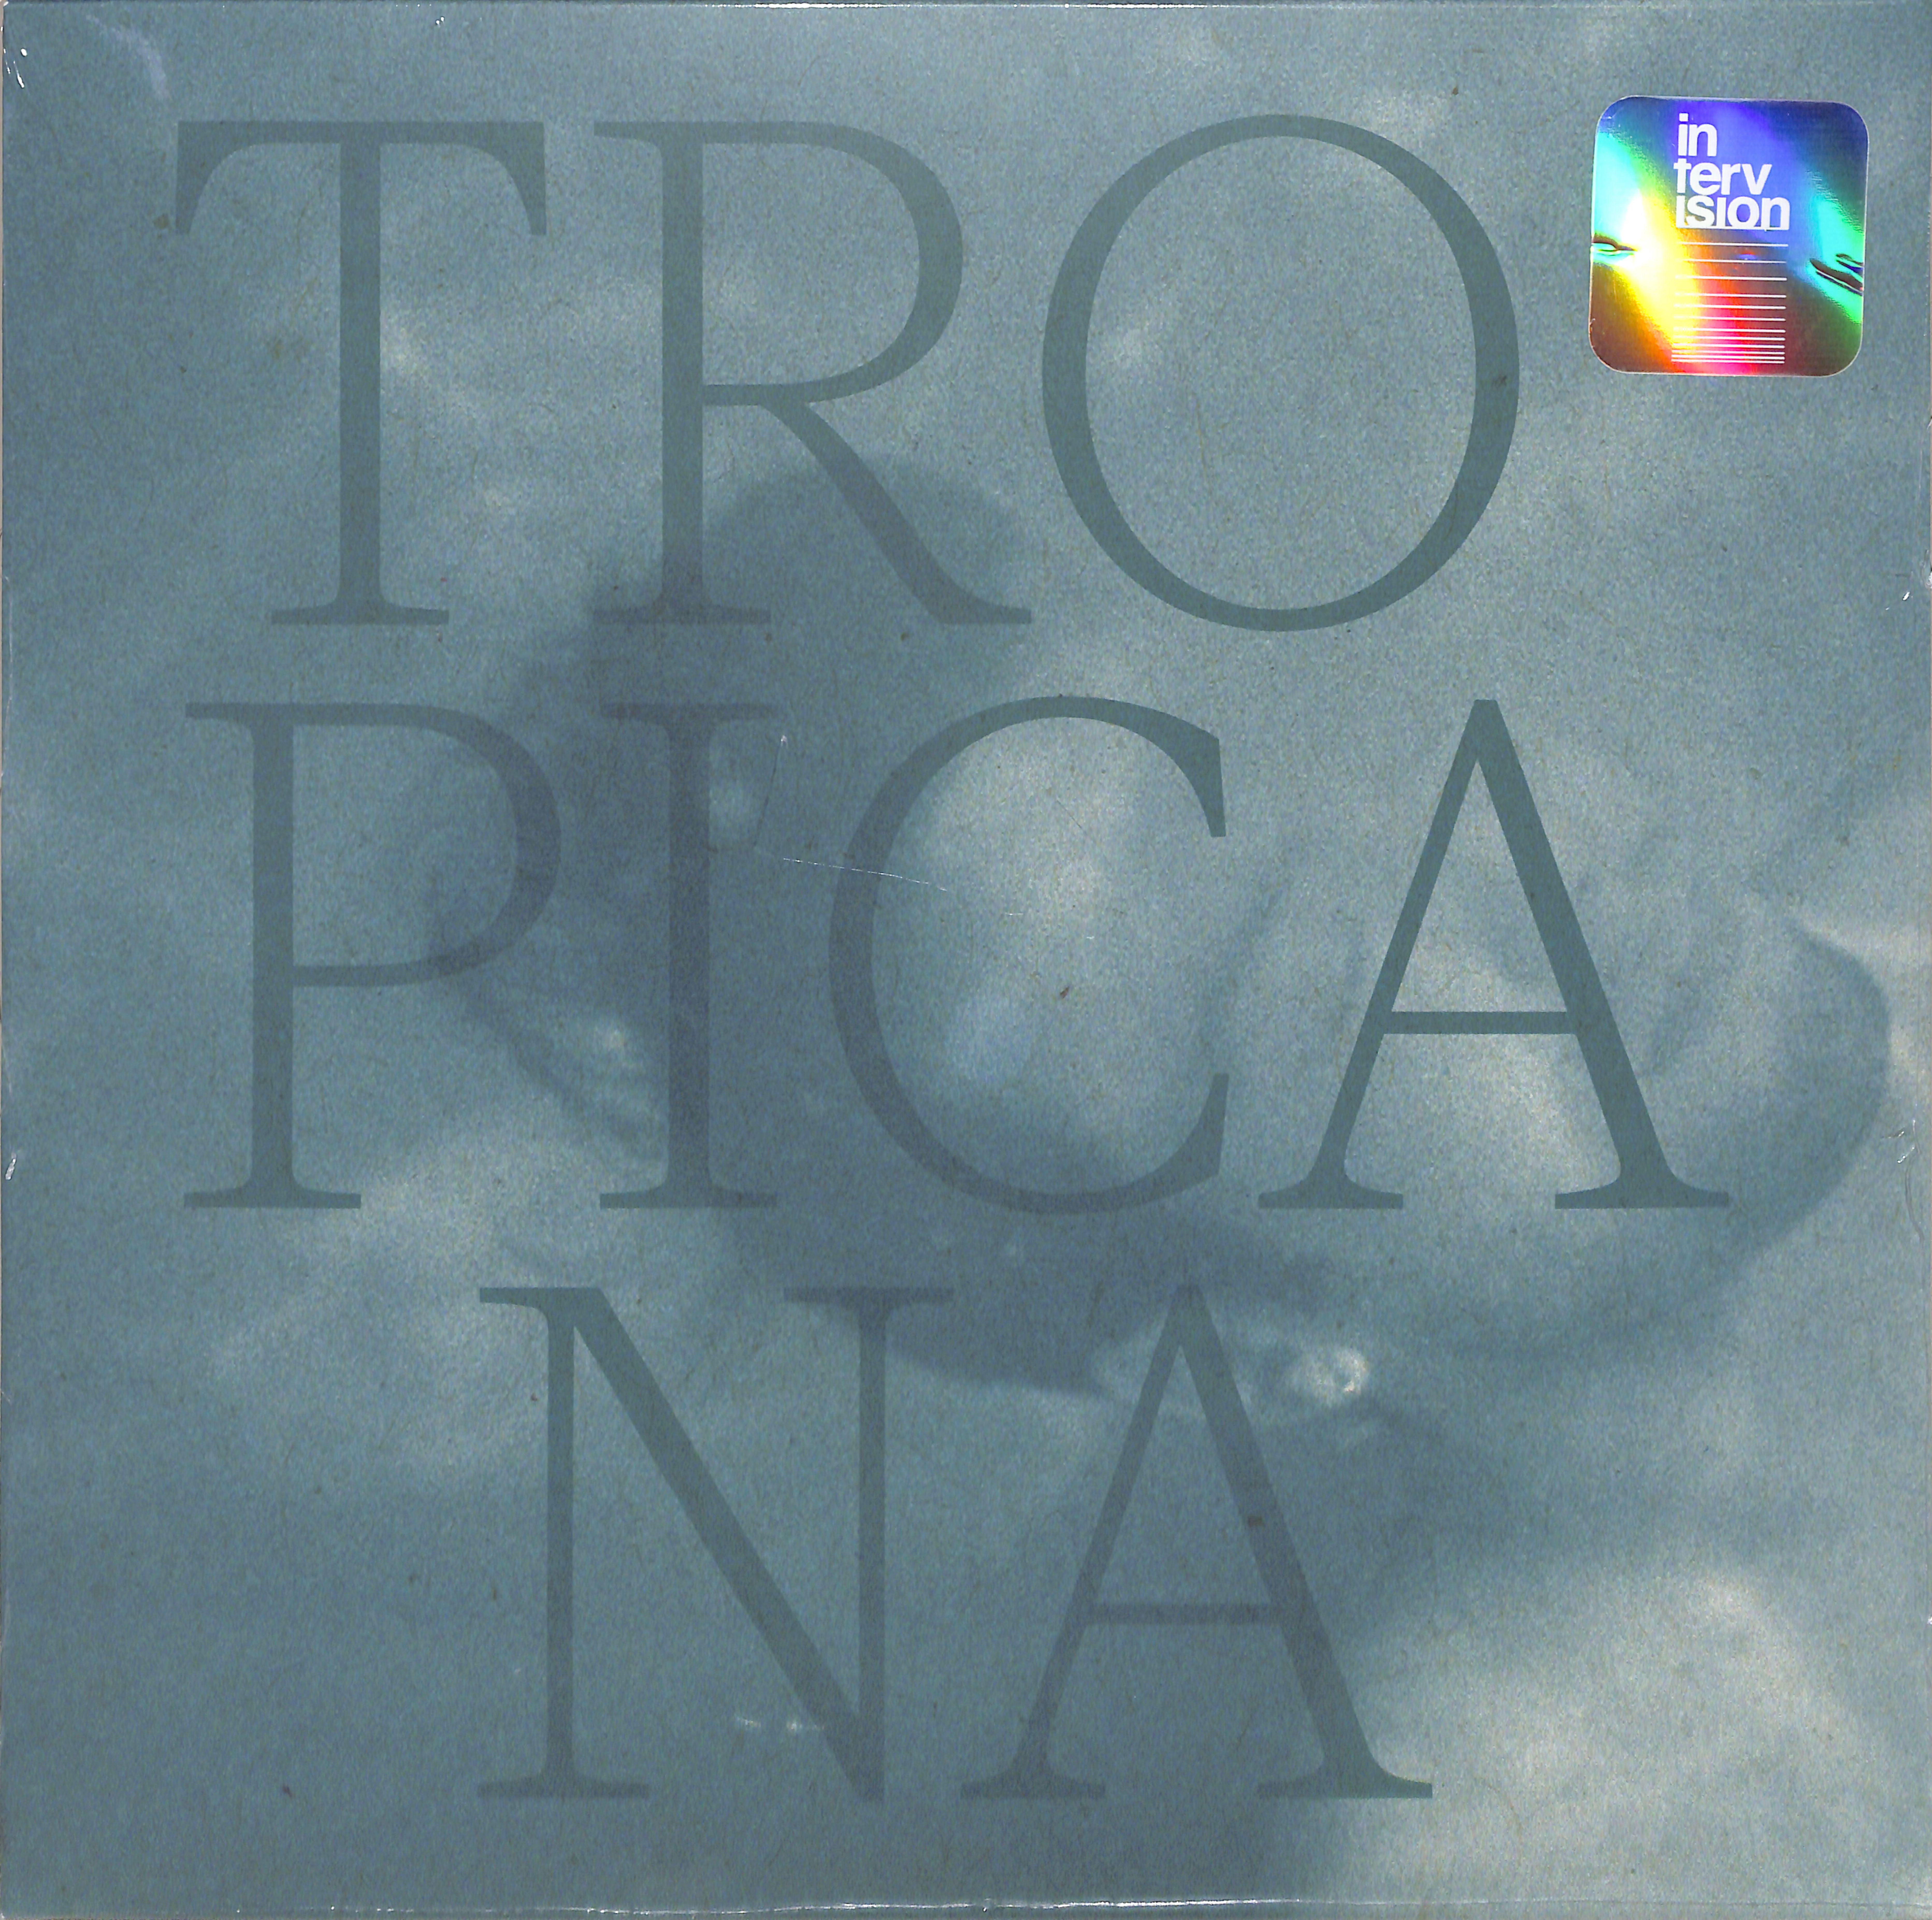 BLNDR - TROPICANA